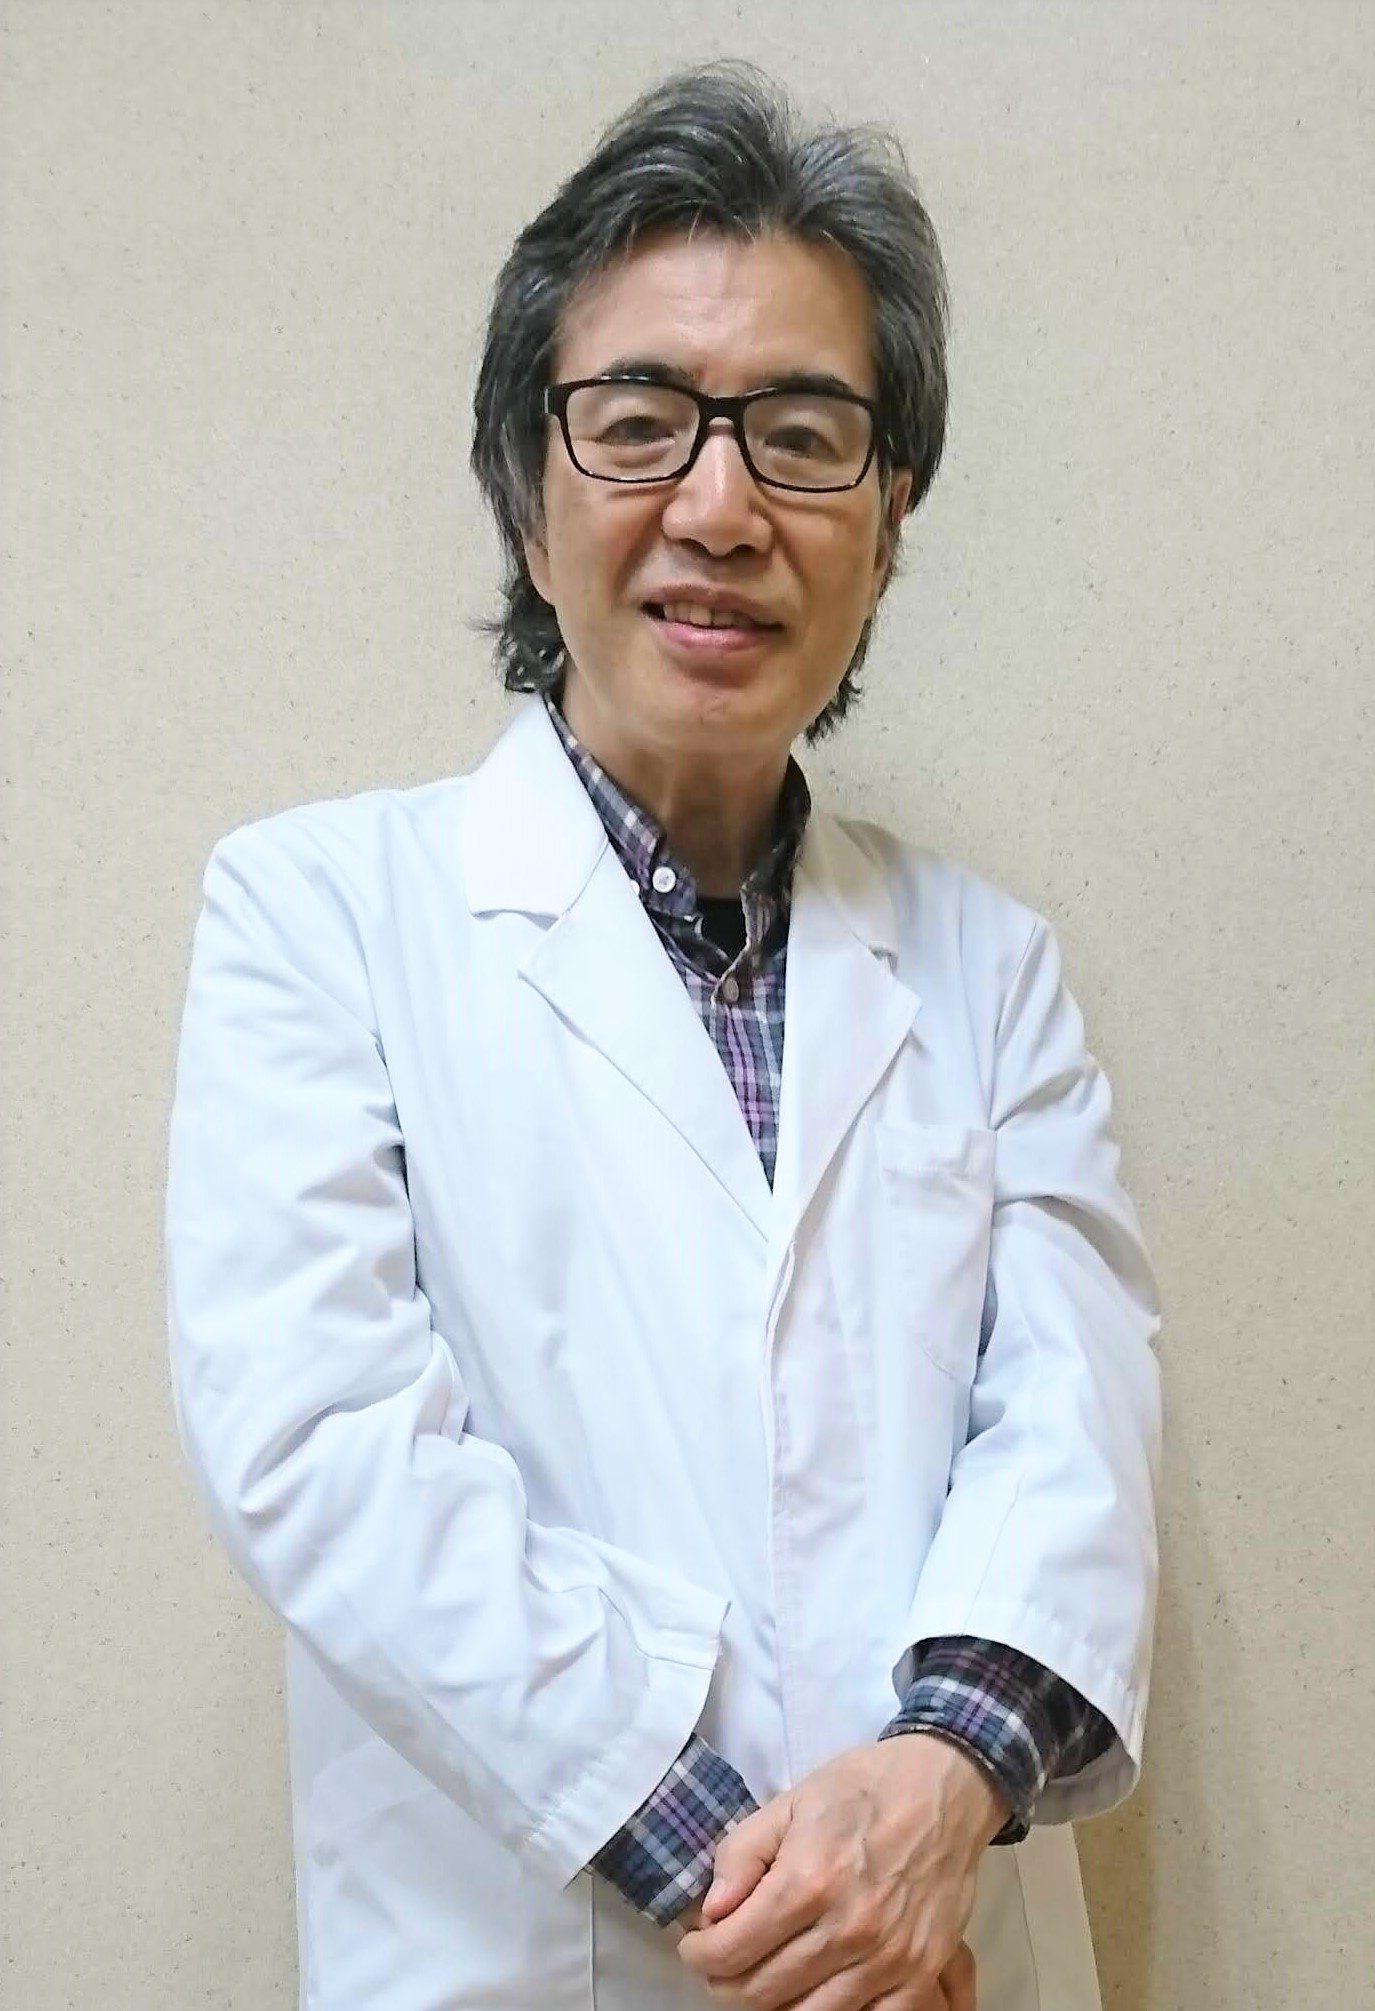 久野高義 医師